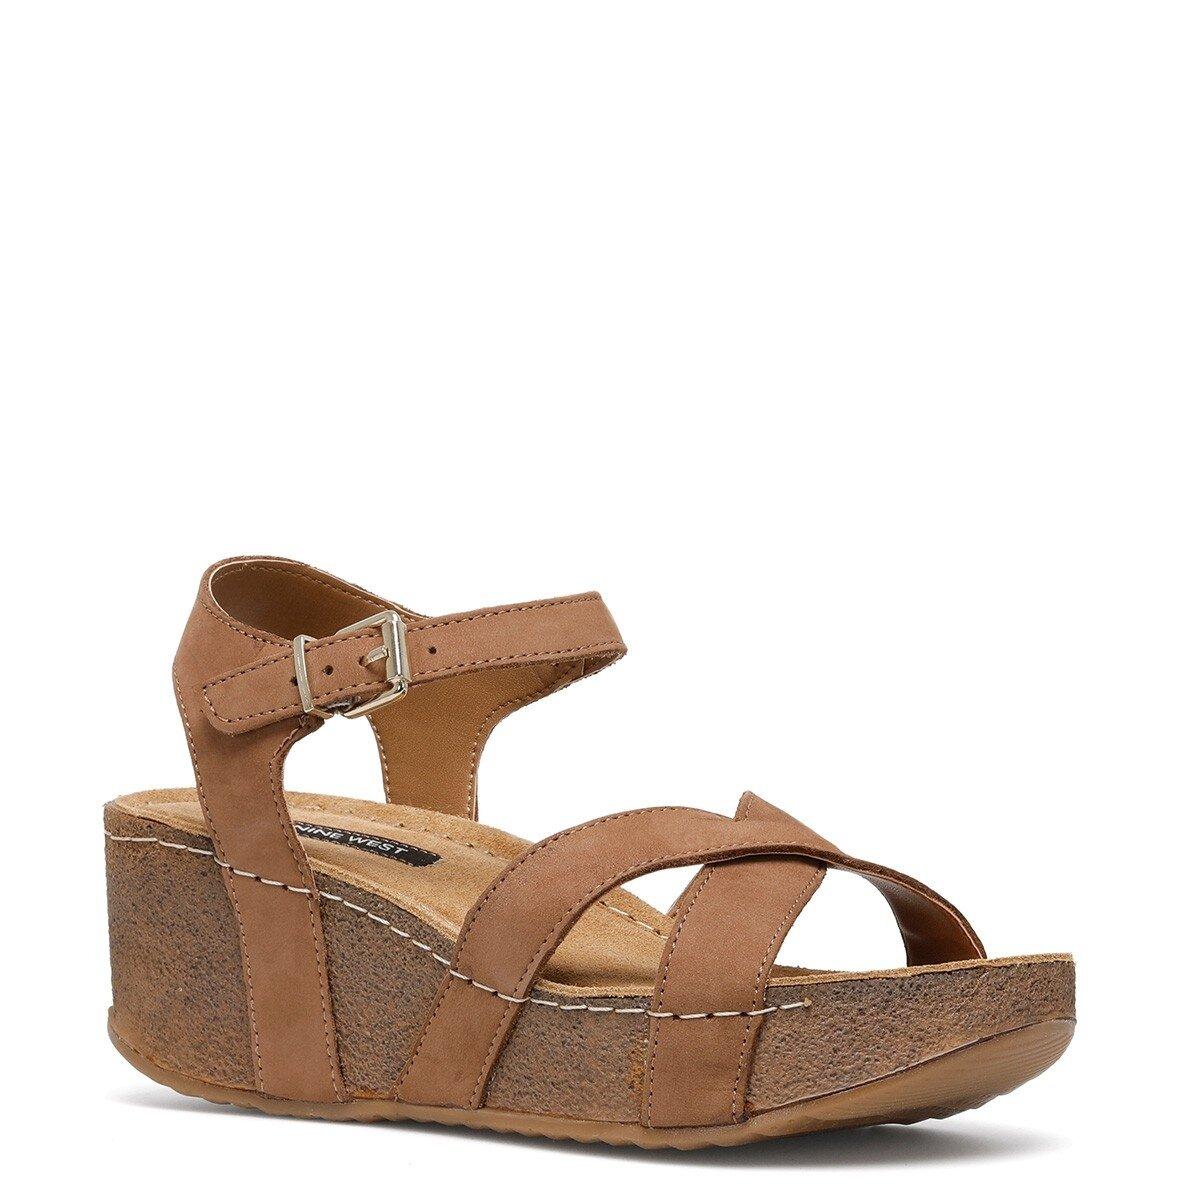 GOYARD 1FX Taba Kadın Dolgu Topuk Sandalet